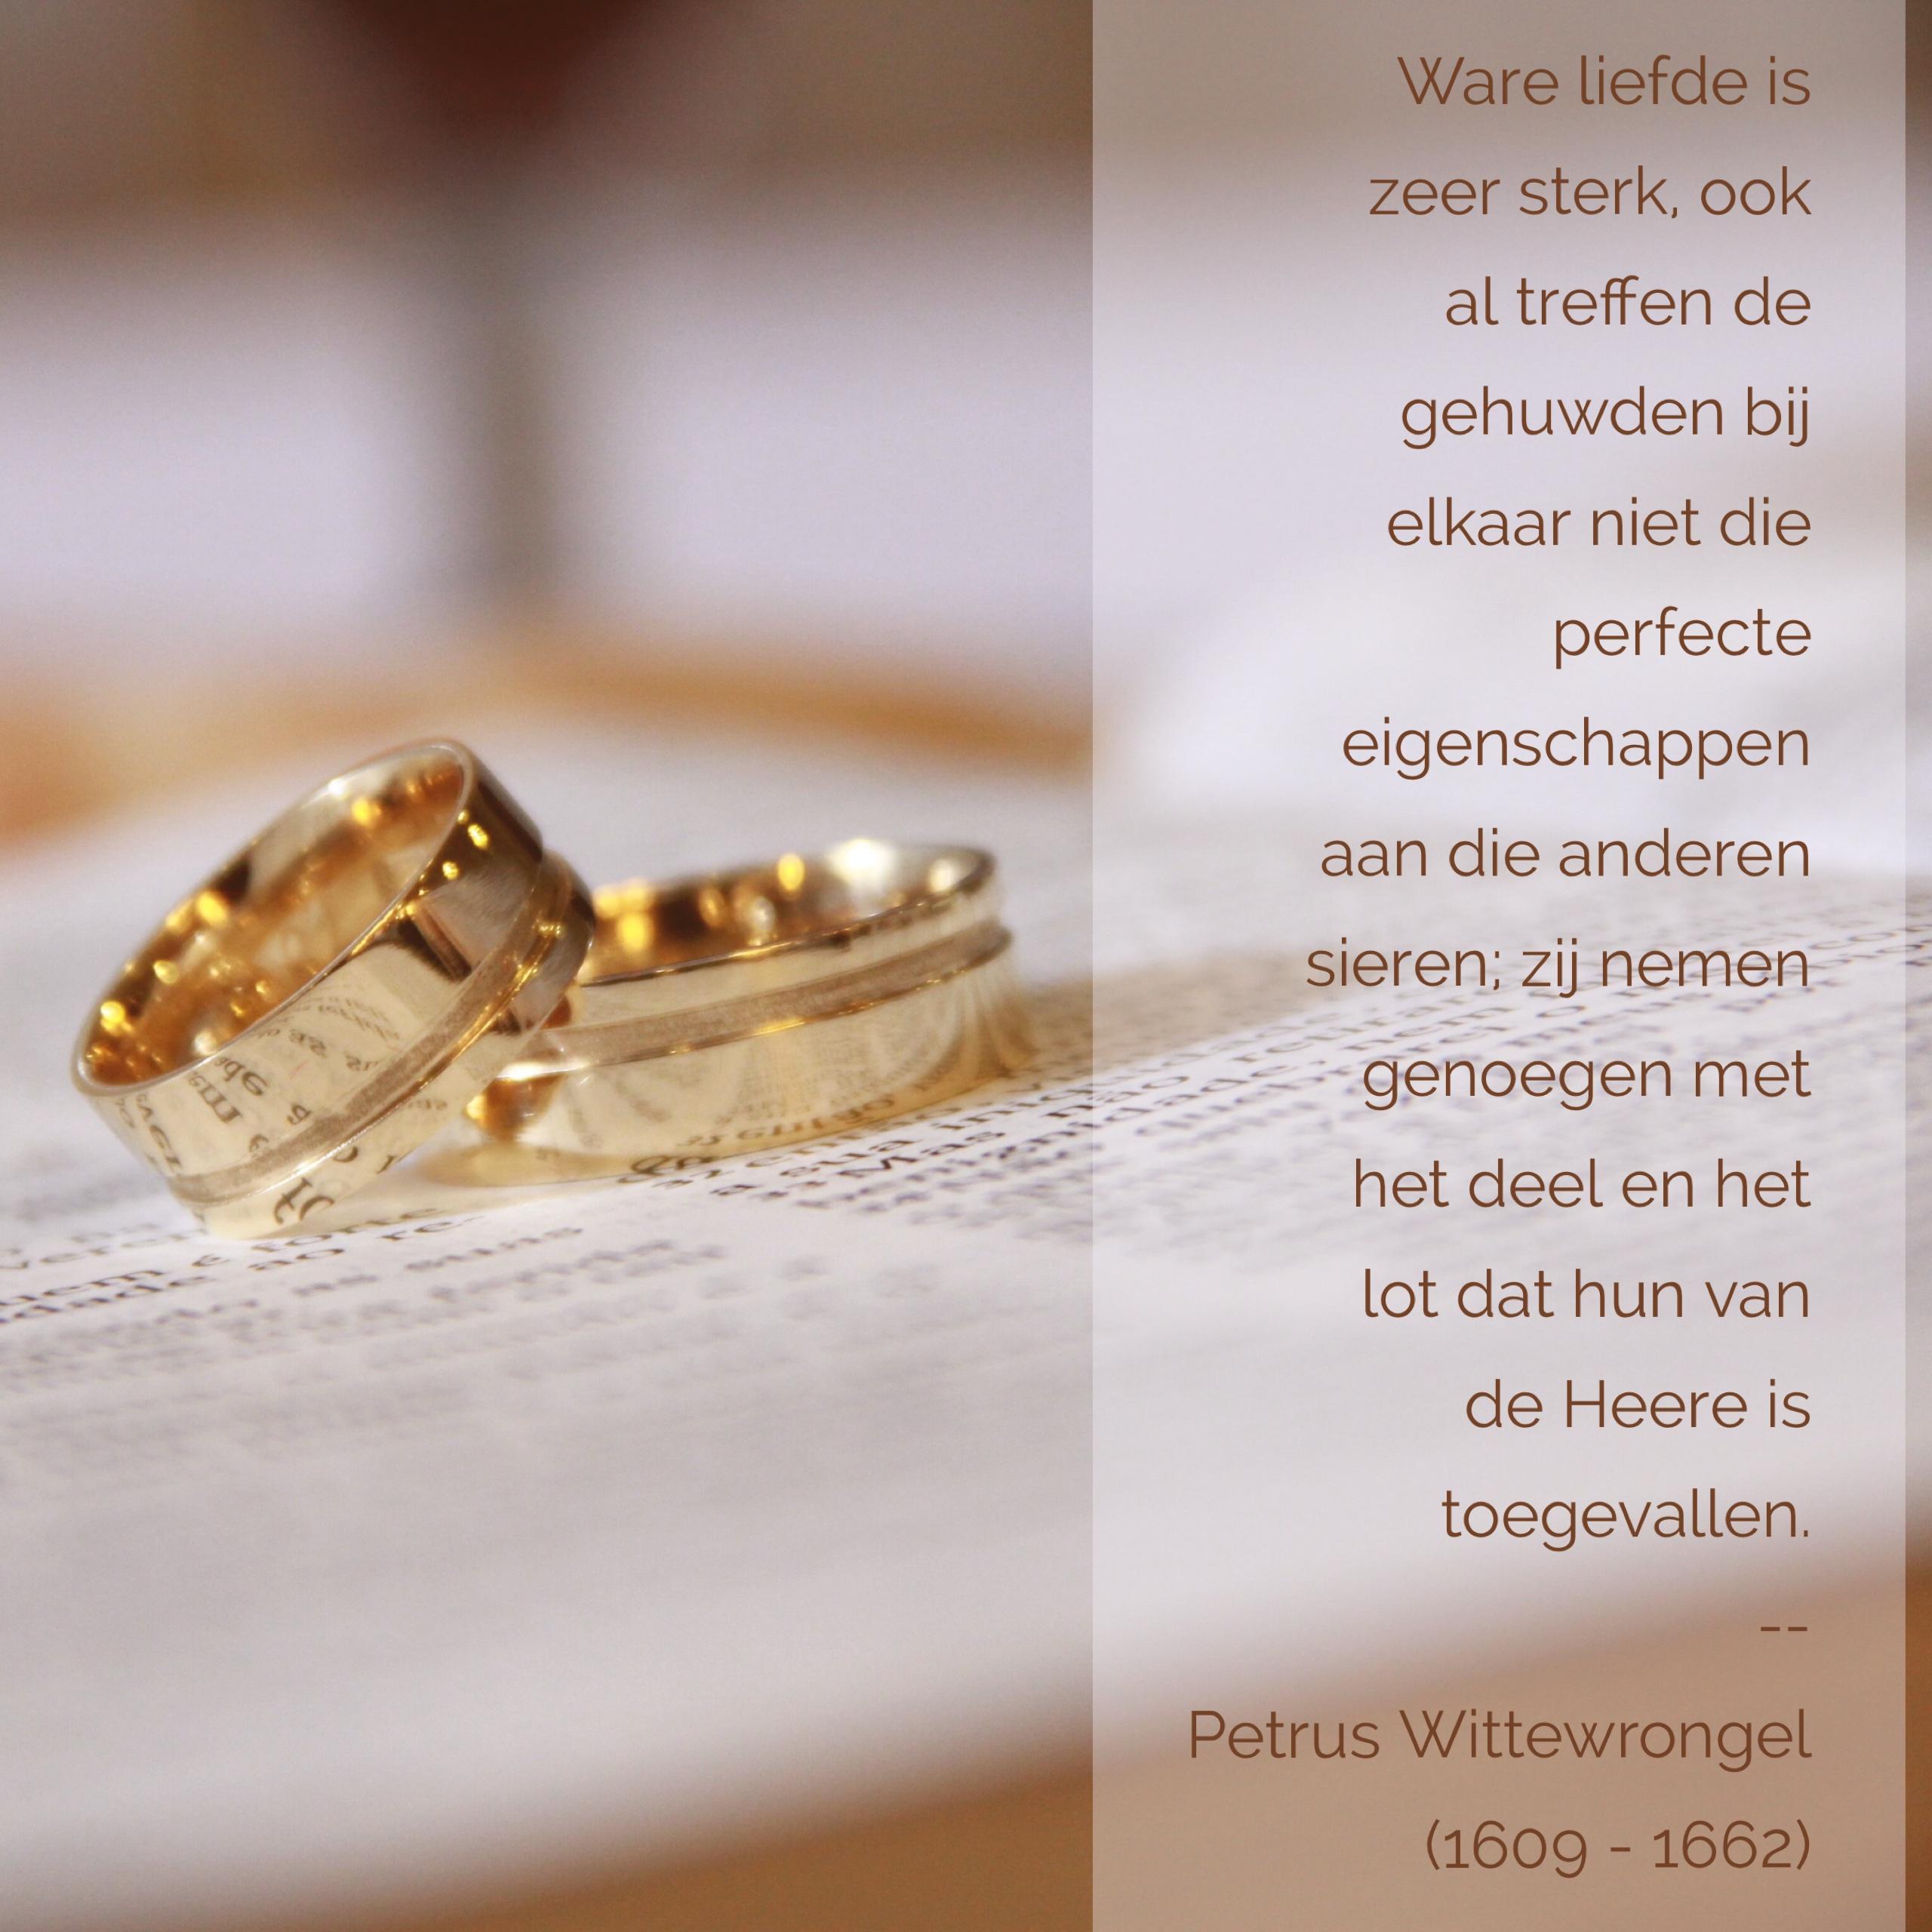 Citaten Over Huwelijk : Huwelijk